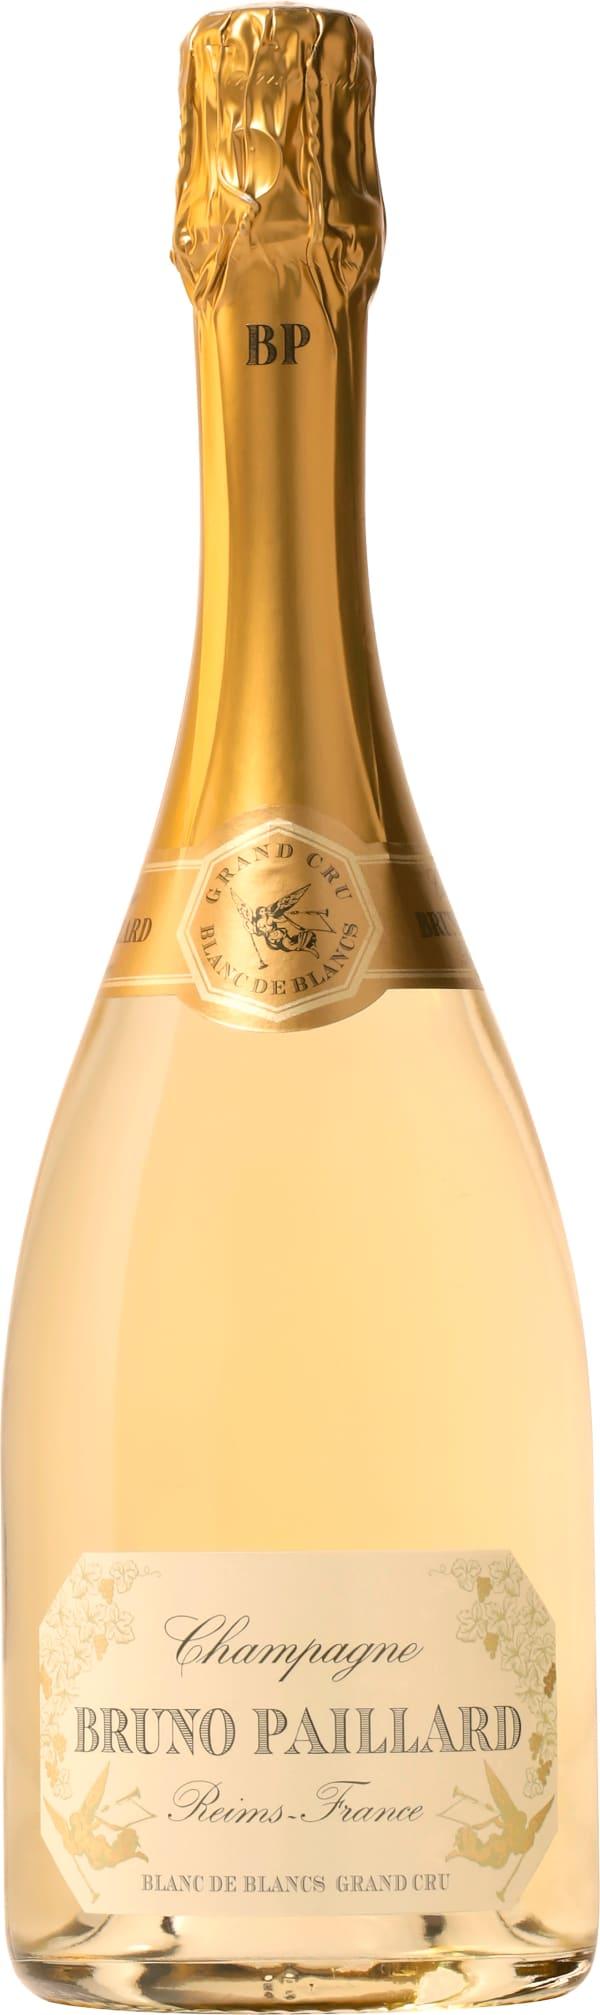 Bruno Paillard Blanc de Blancs Grand Cru Champagne Extra Brut